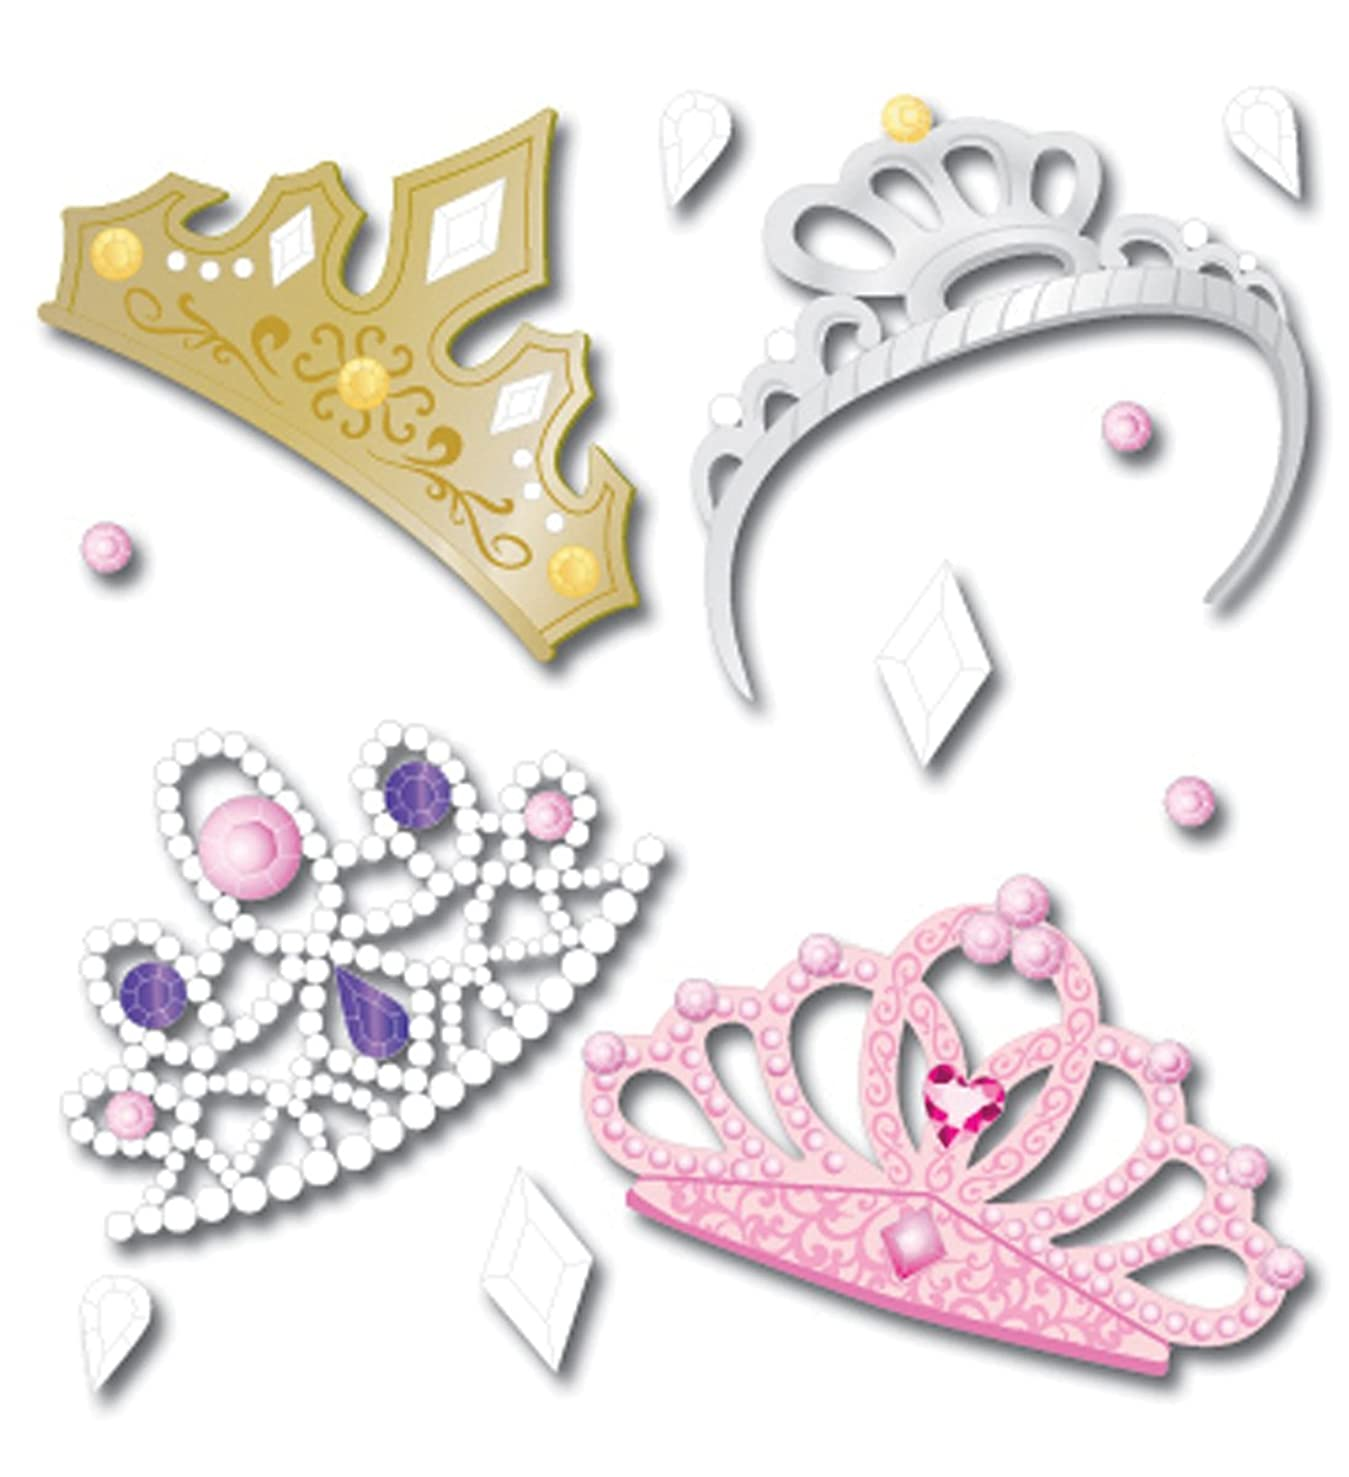 Jolee's Boutique Dimensional Stickers, Four Tiaras